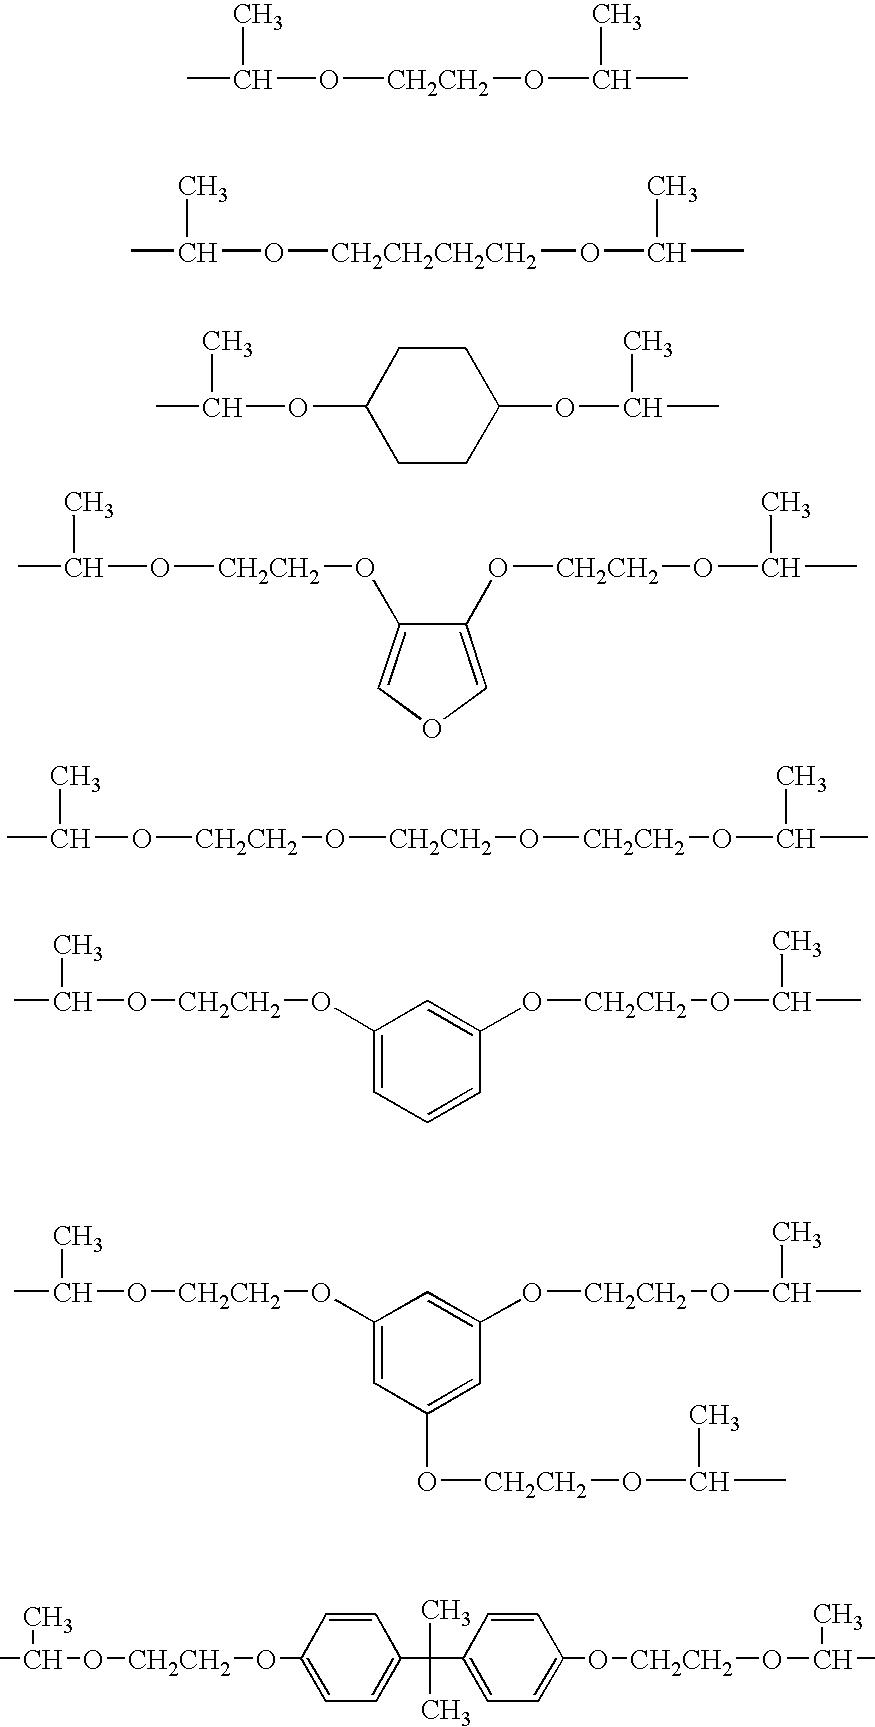 Figure US20050106499A1-20050519-C00010